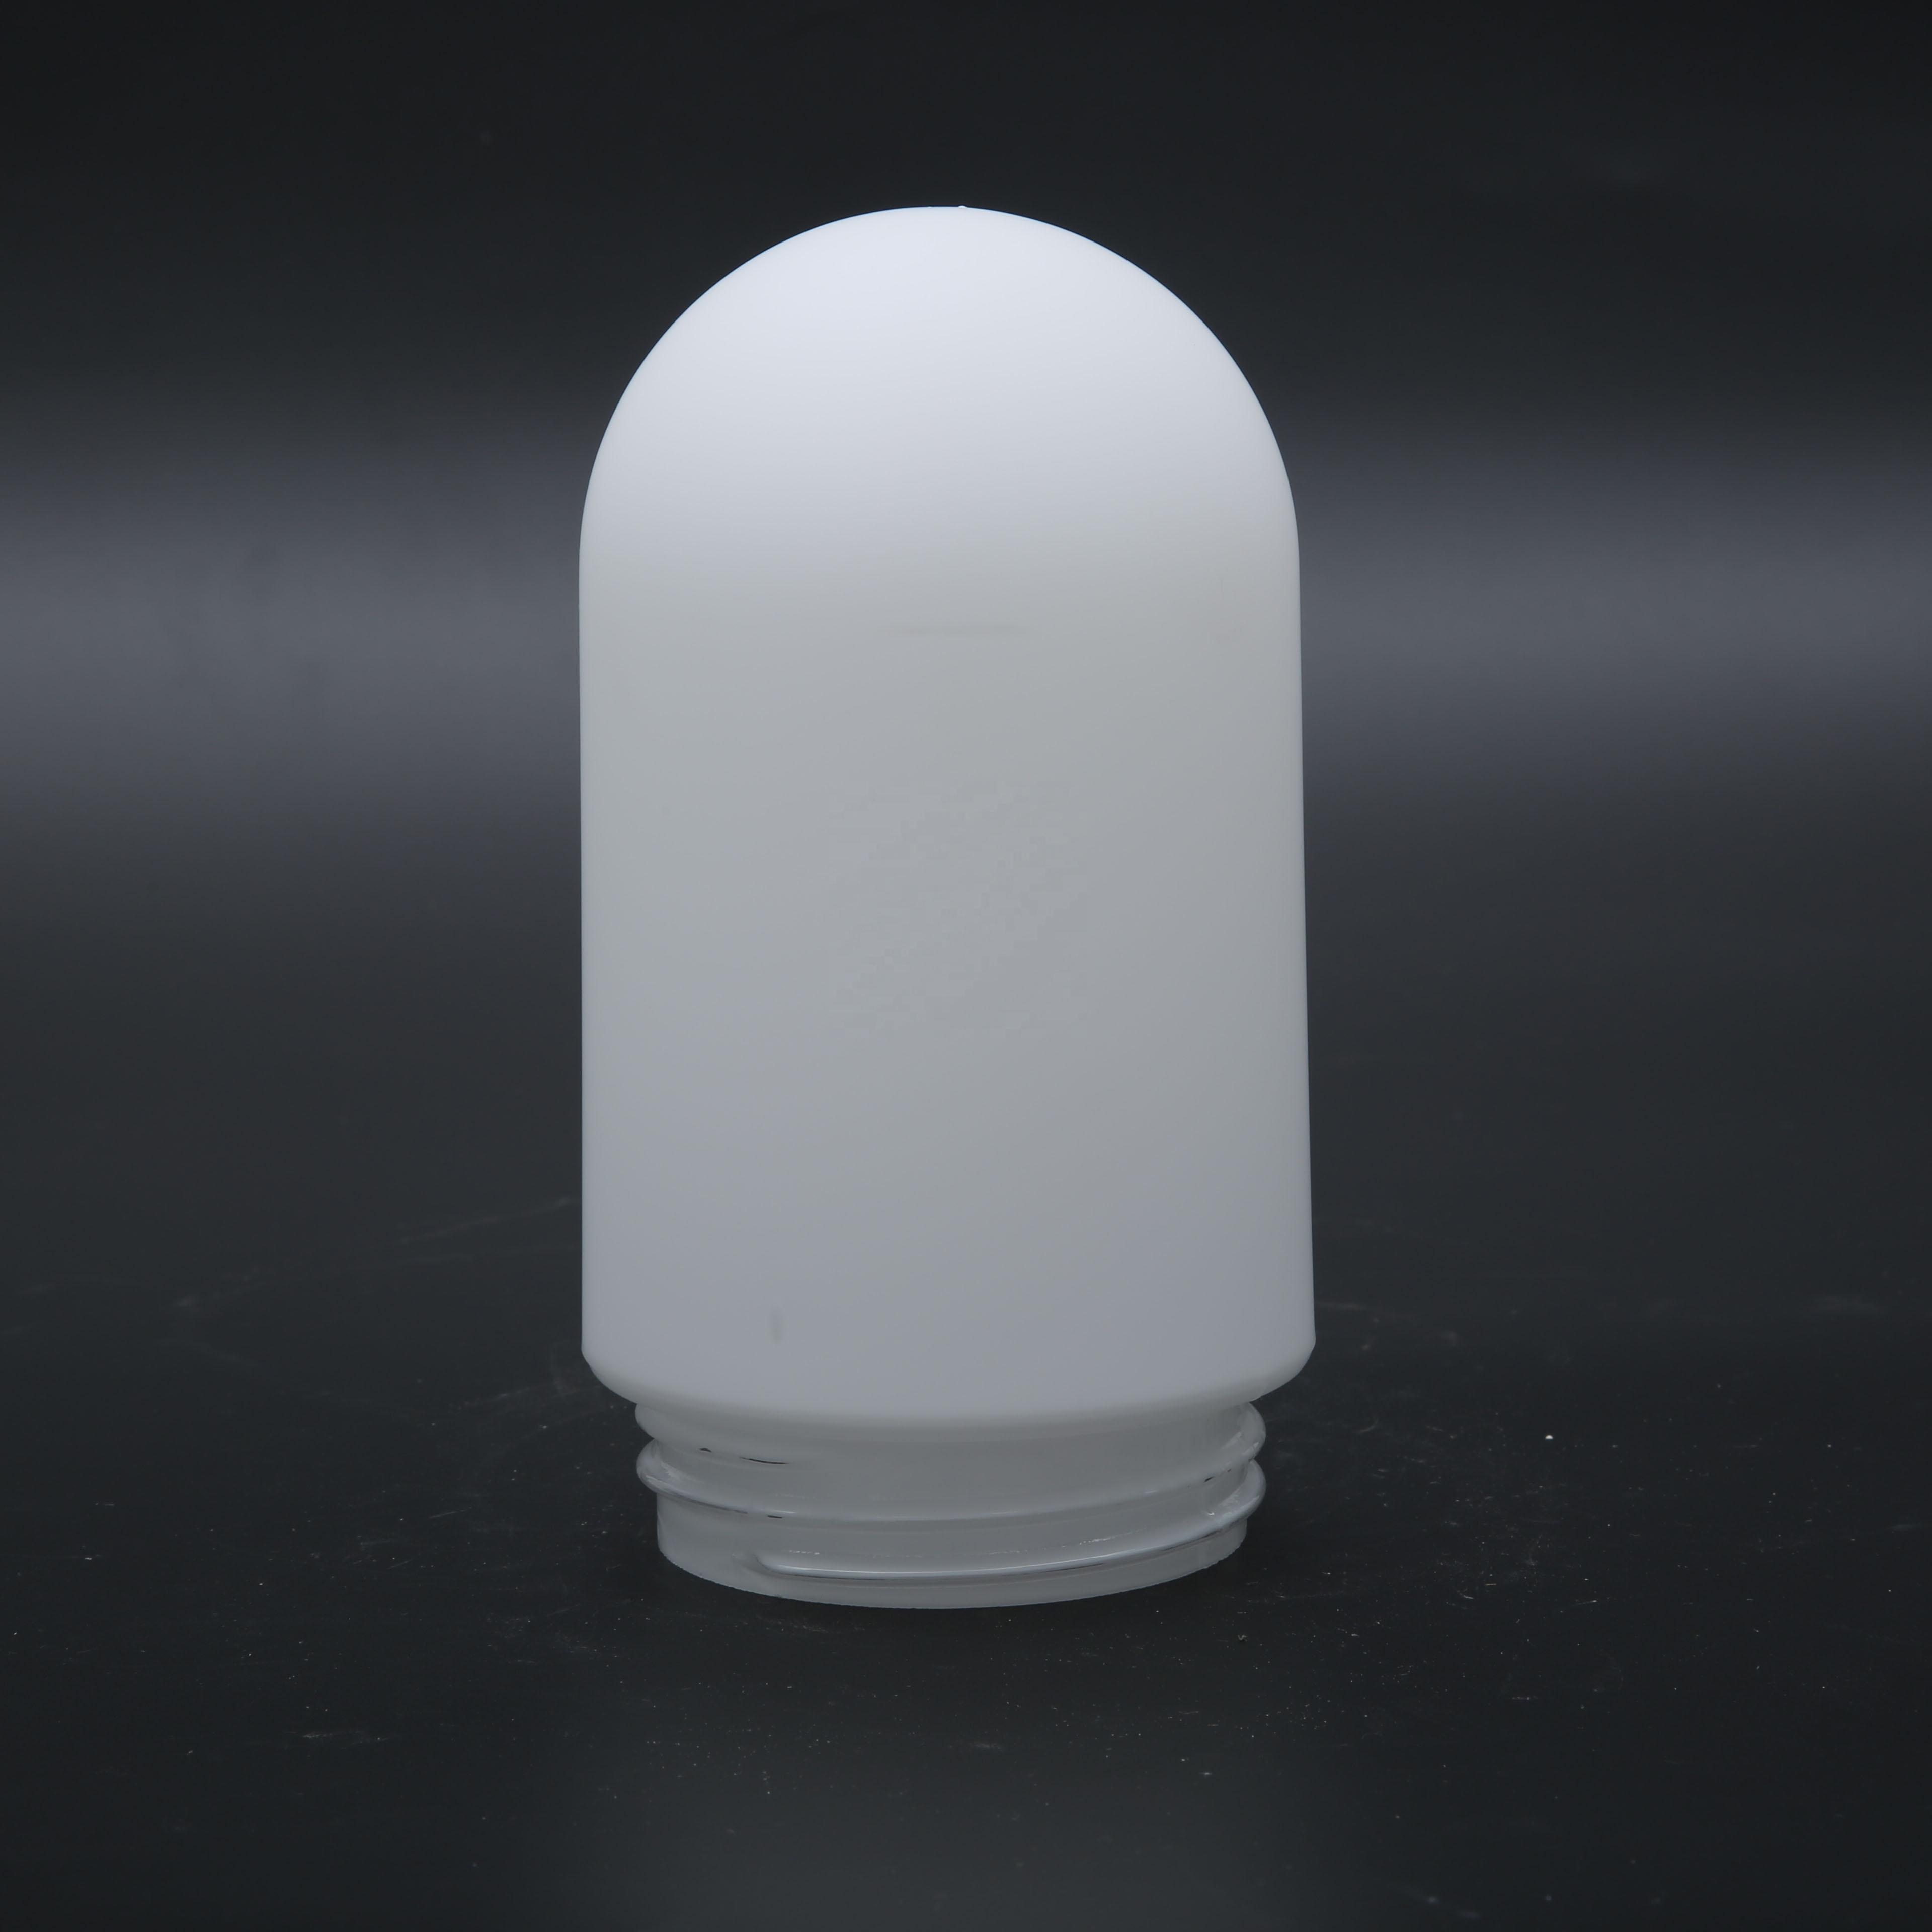 venta de papel para pantallas de lamparas